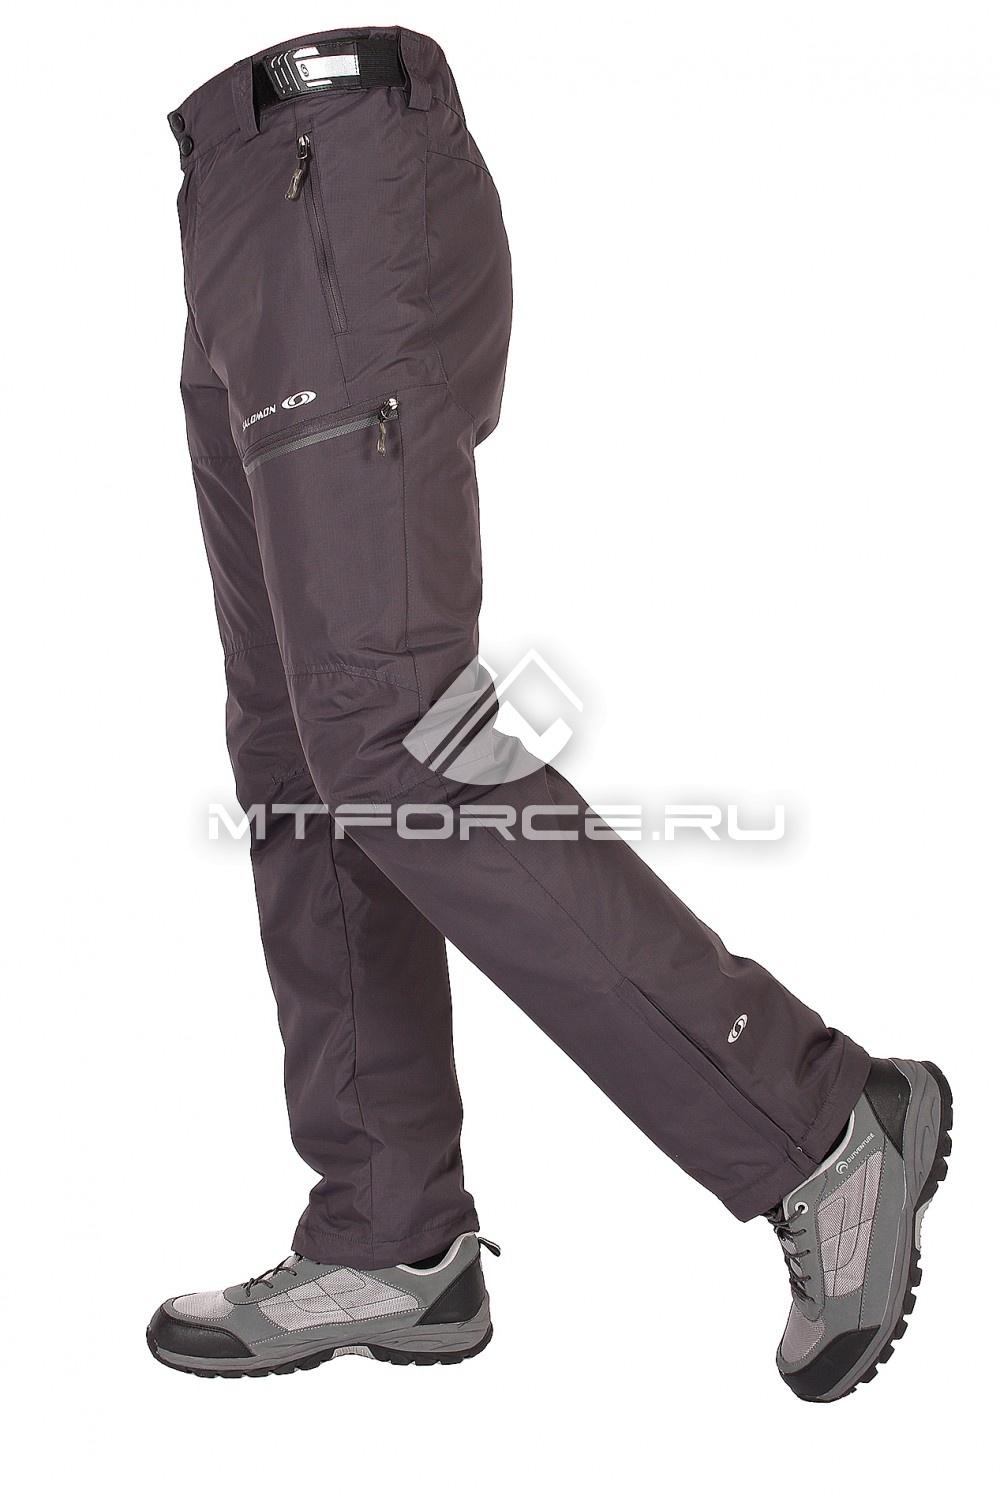 Купить                                  оптом Брюки спортивные мужские серого цвета 8507Sr